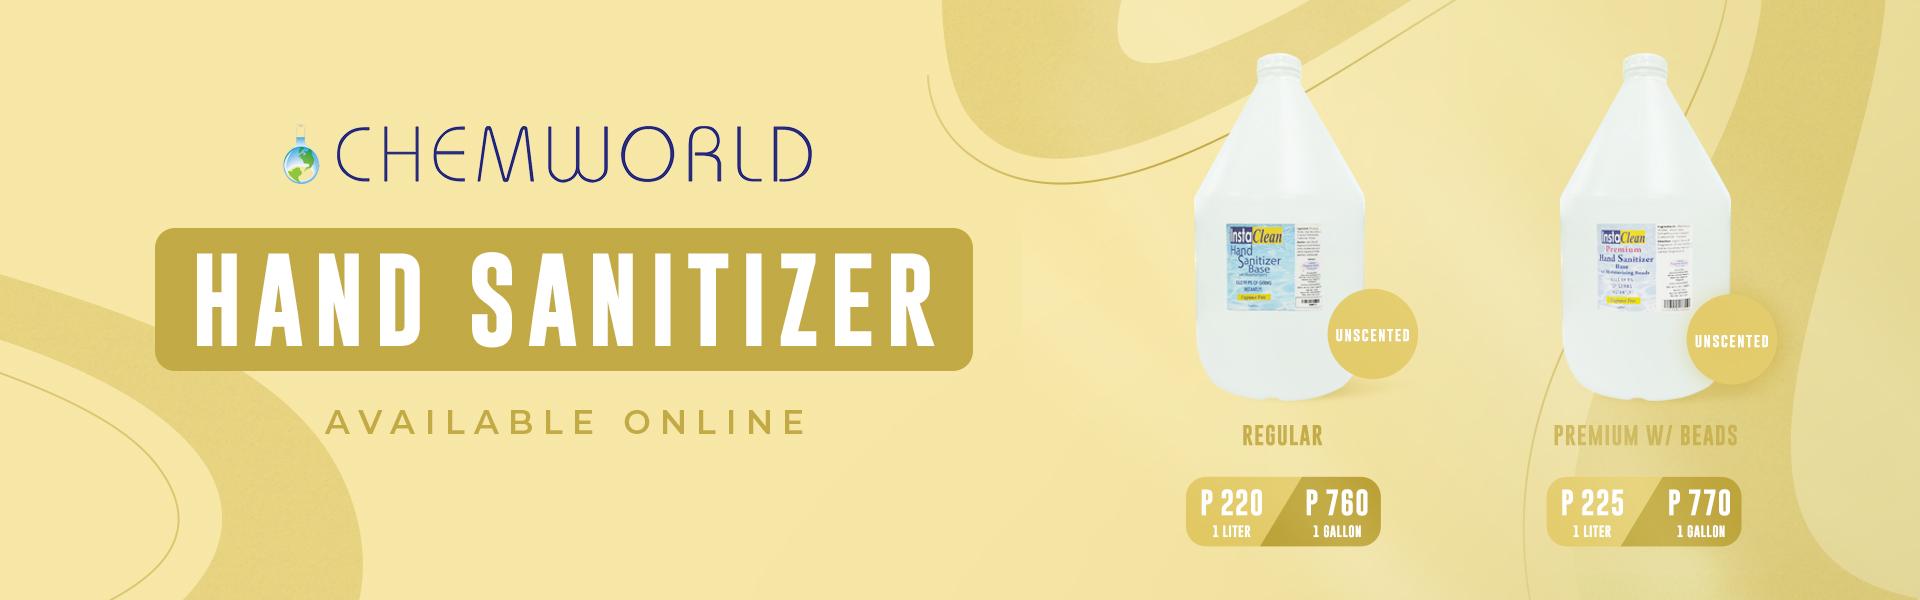 hand sanitizer2